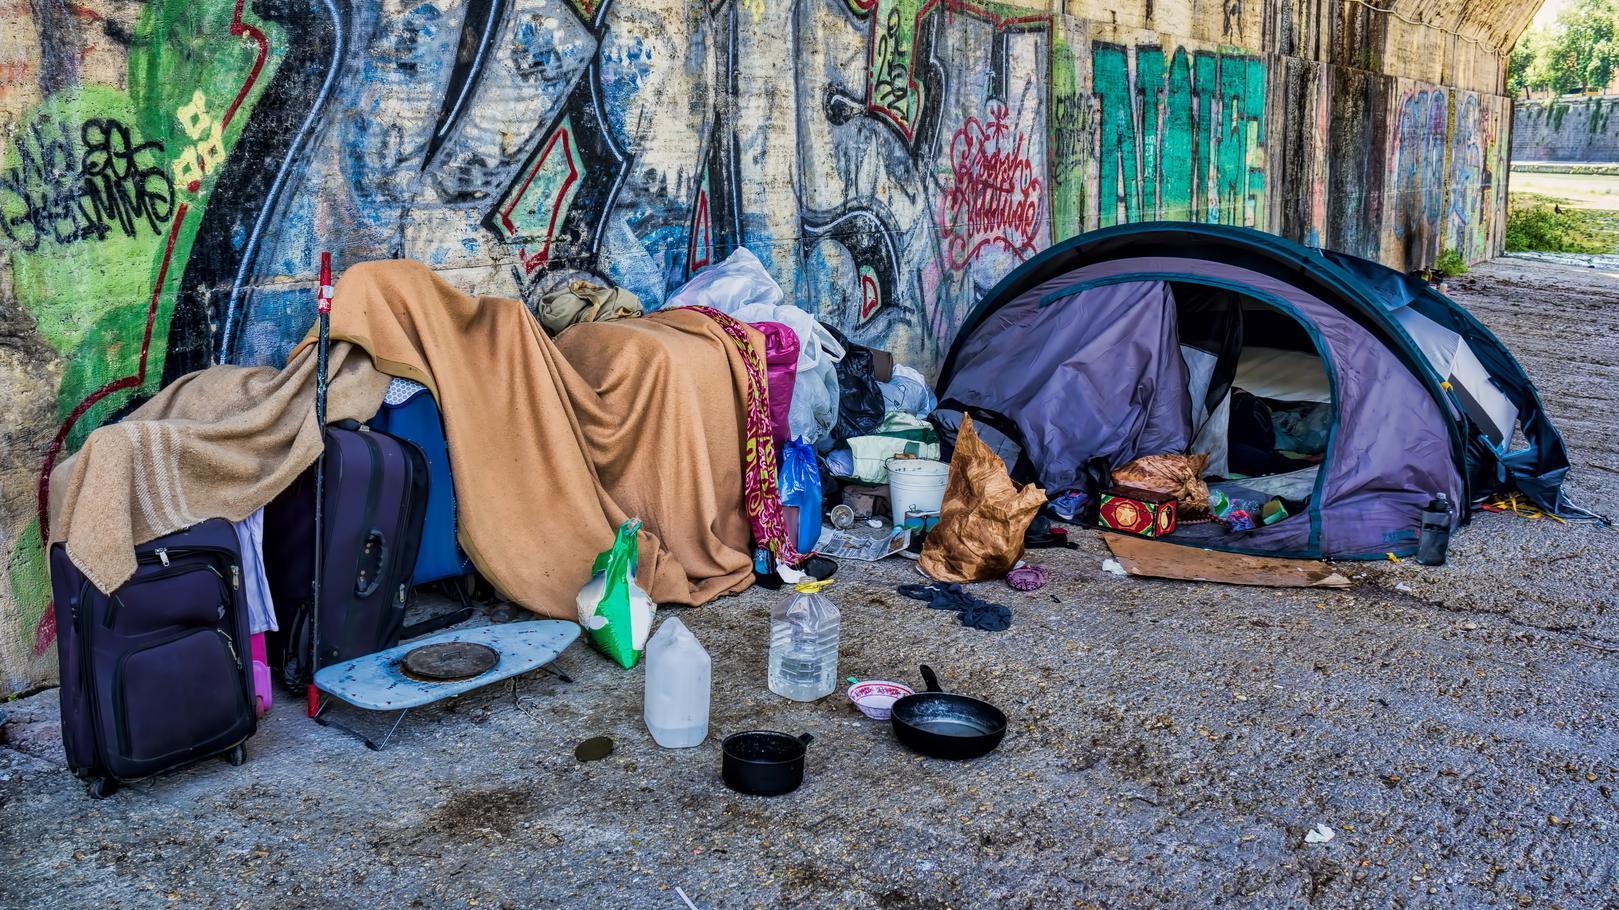 Zelt unter einer Unterführung - Schlafplatz eines Obdachlosen